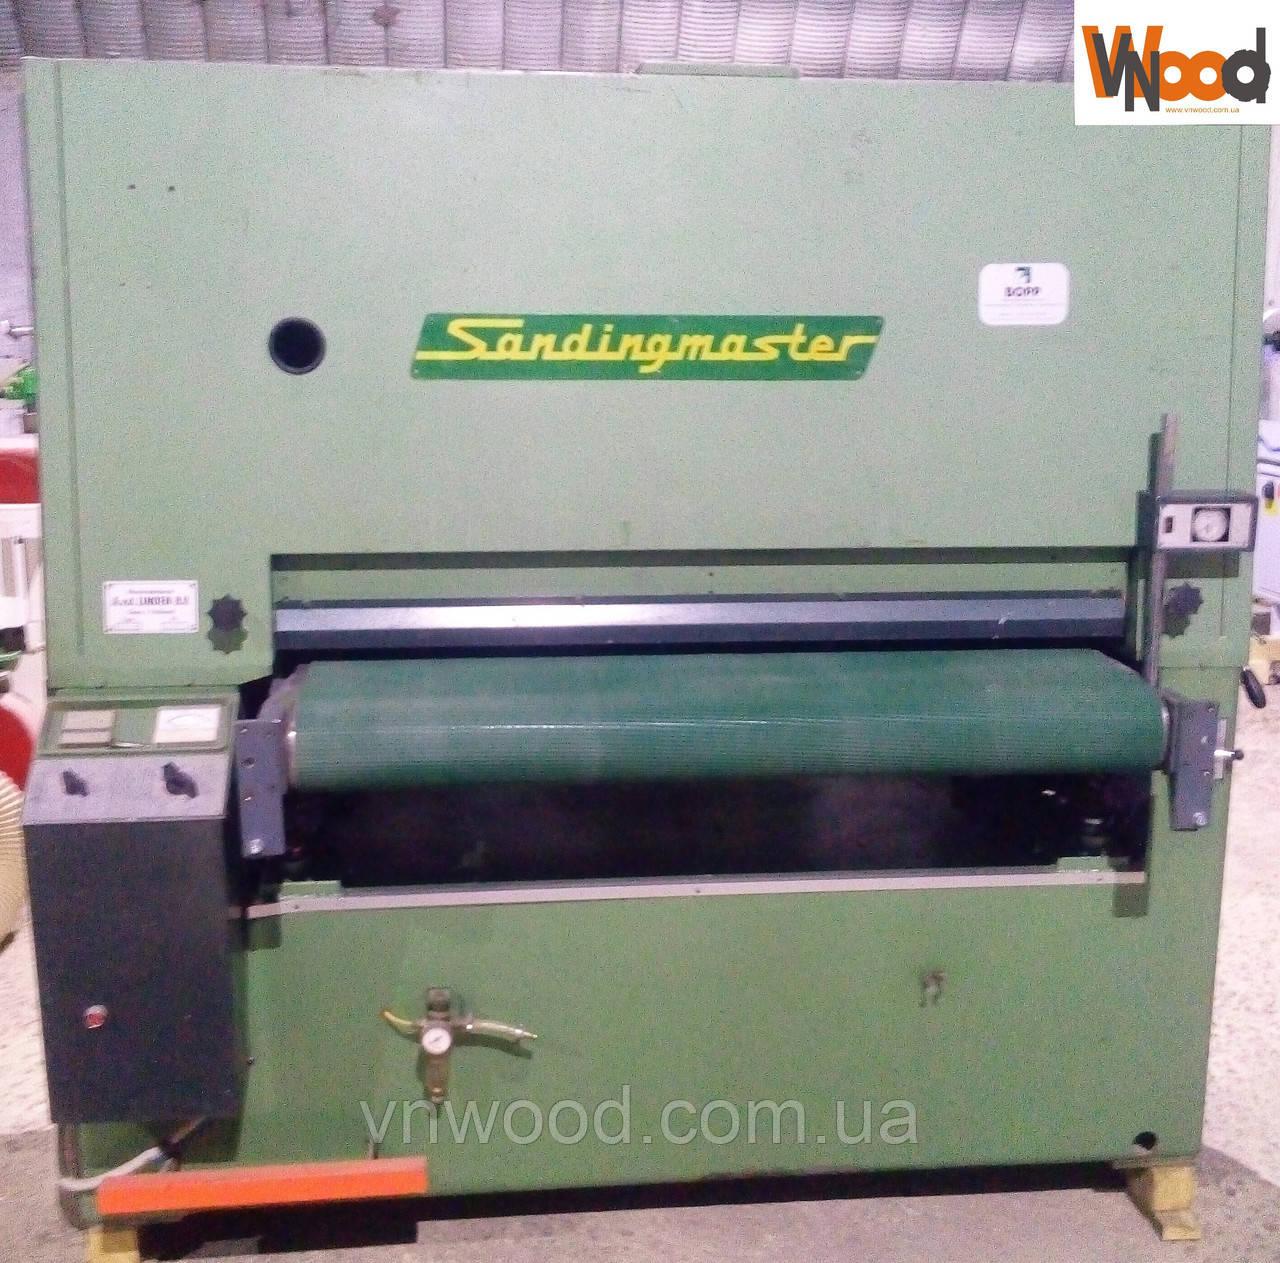 Калибровально-шлифовальный станок SANDINGMASTER SCSB 1300